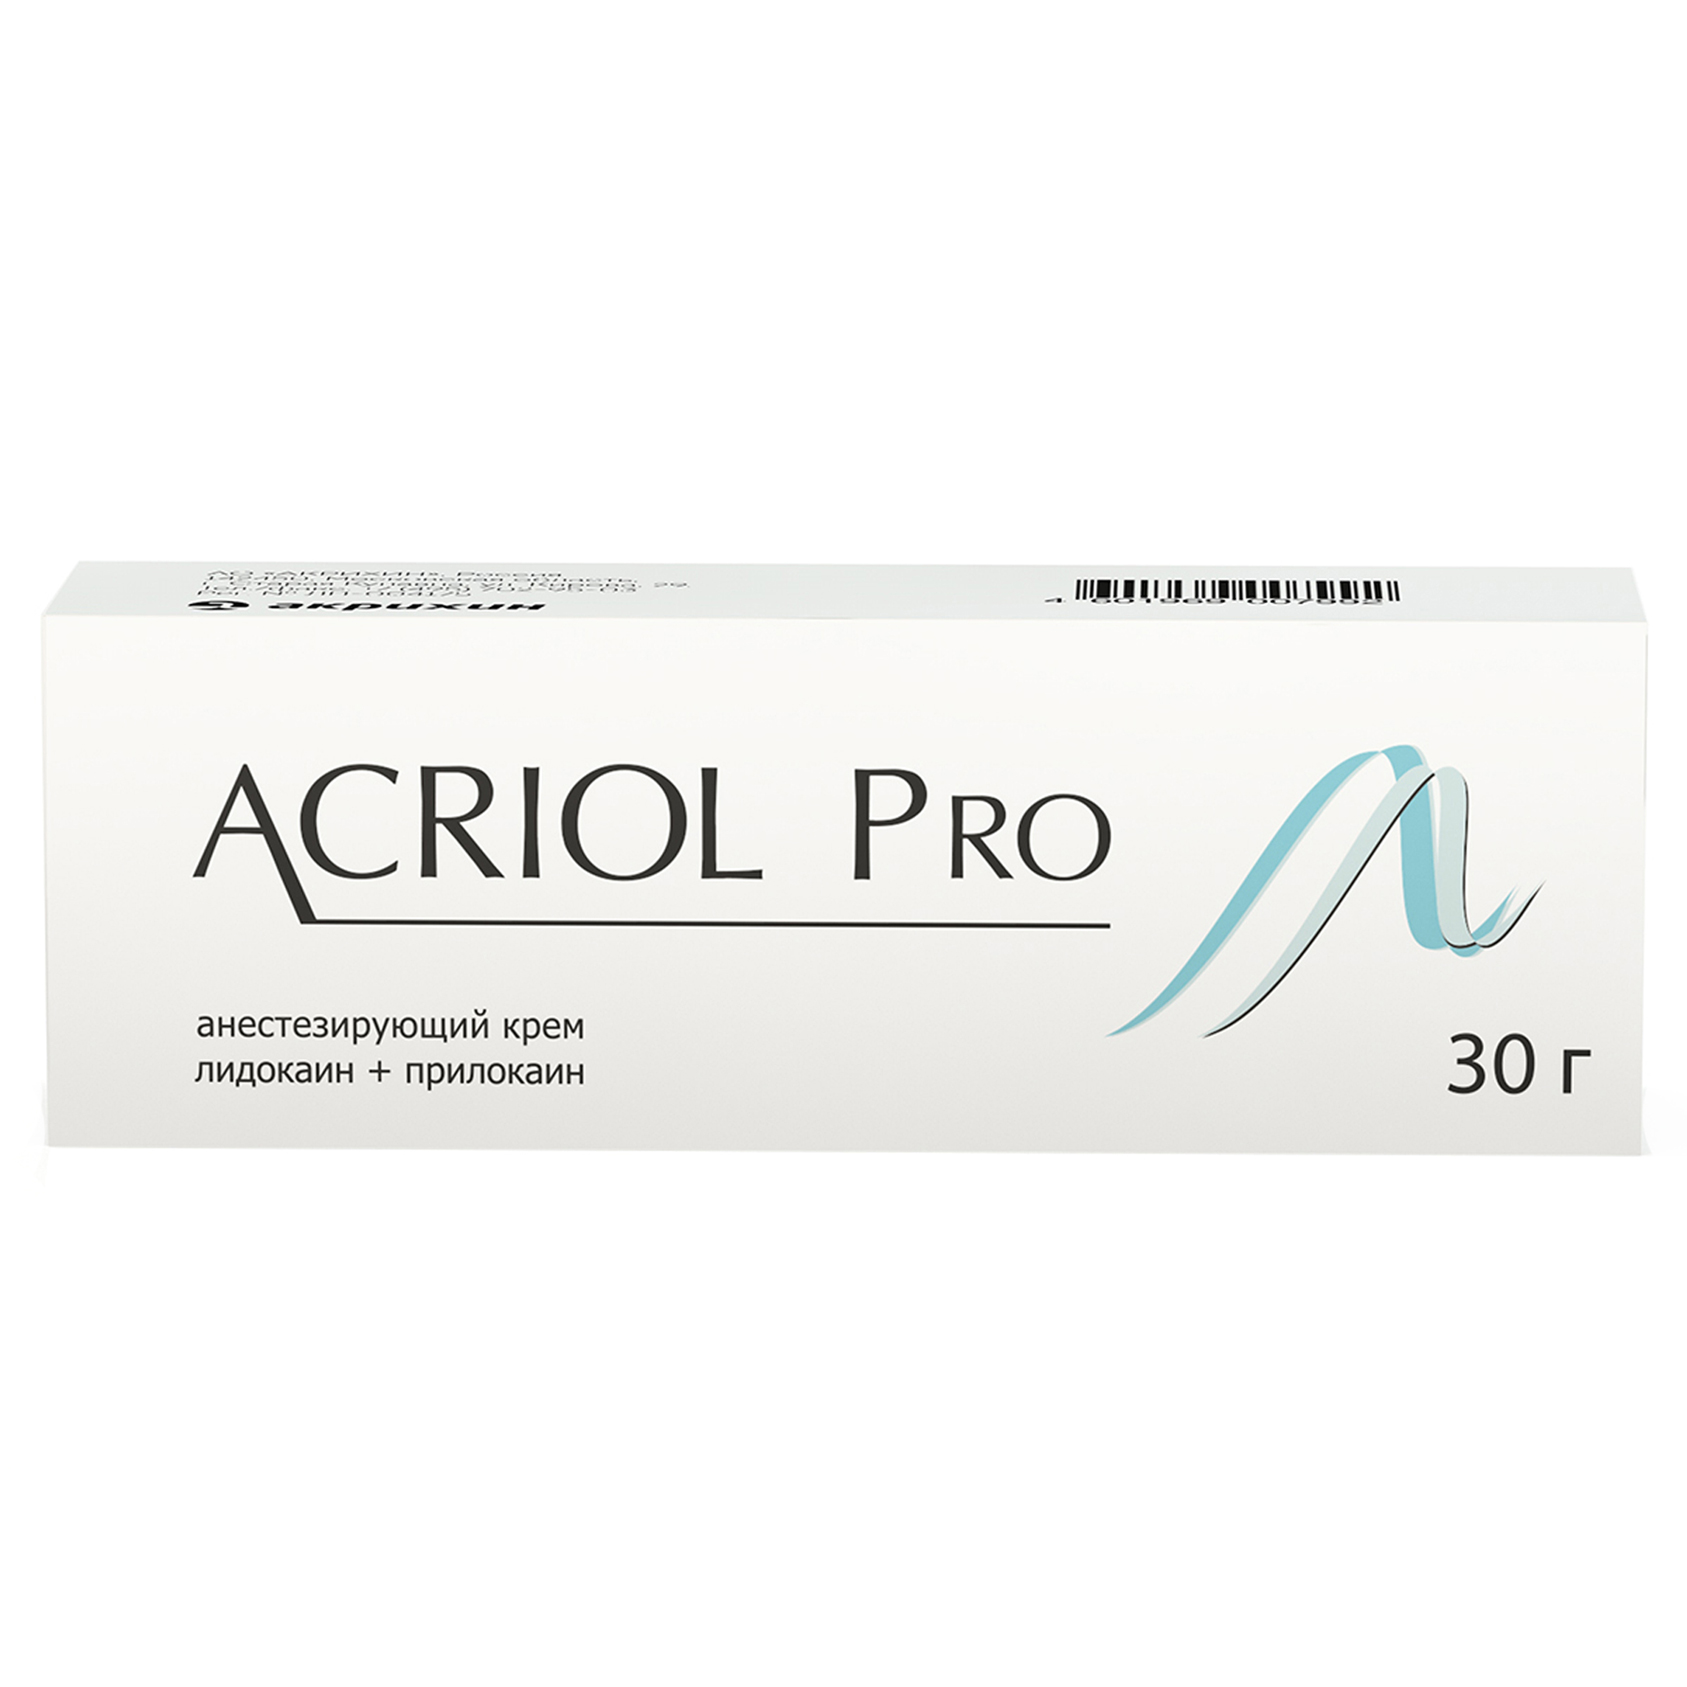 Акриол про крем для наружного применения 2,5% + 2,5% туба 30г №1